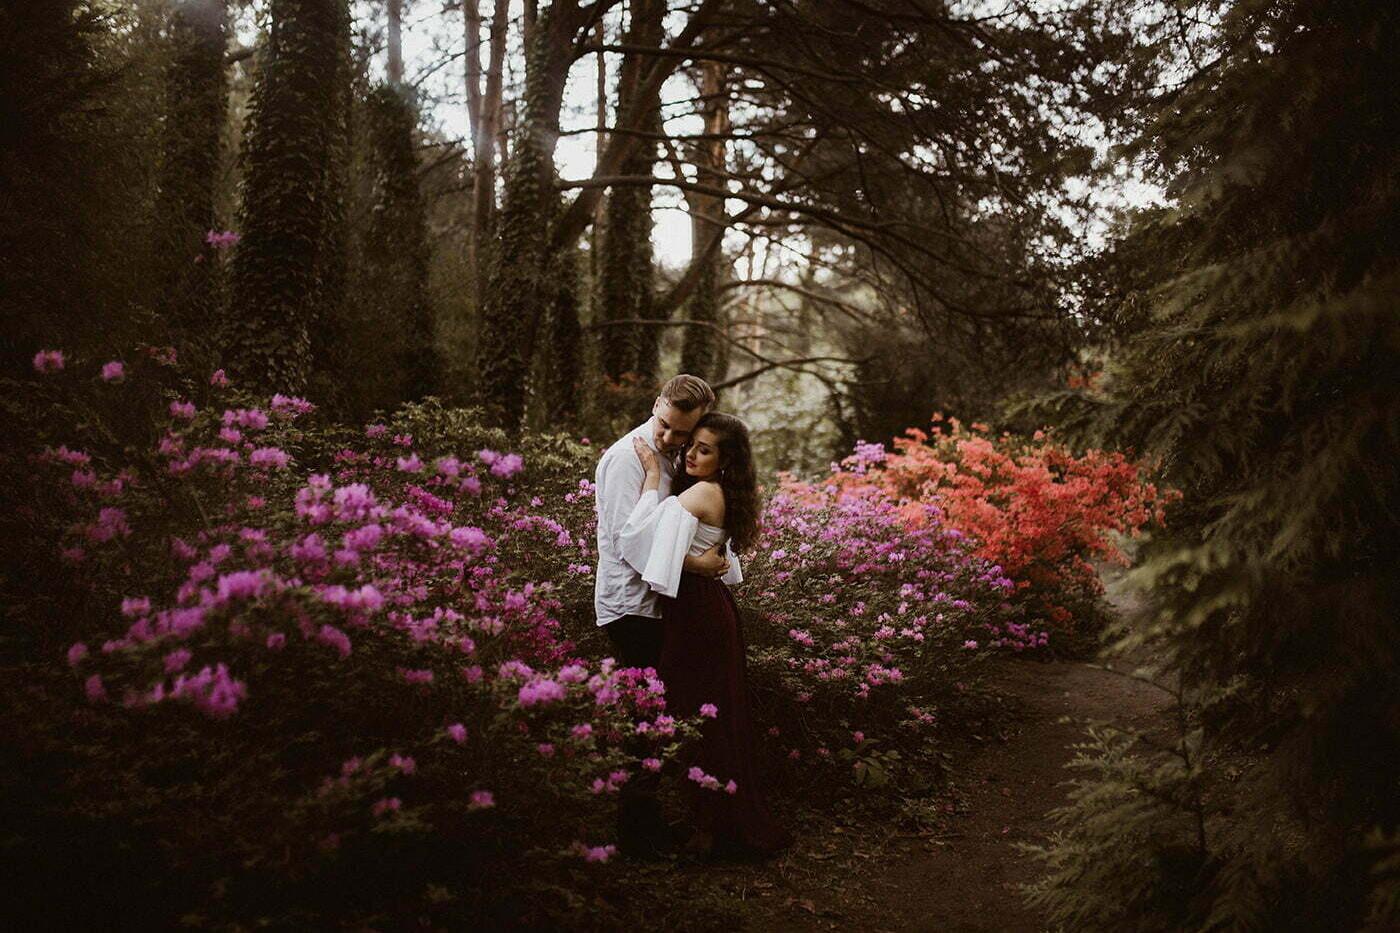 ewelina zieba sesja wsrod kwiatow 2021 01 uai